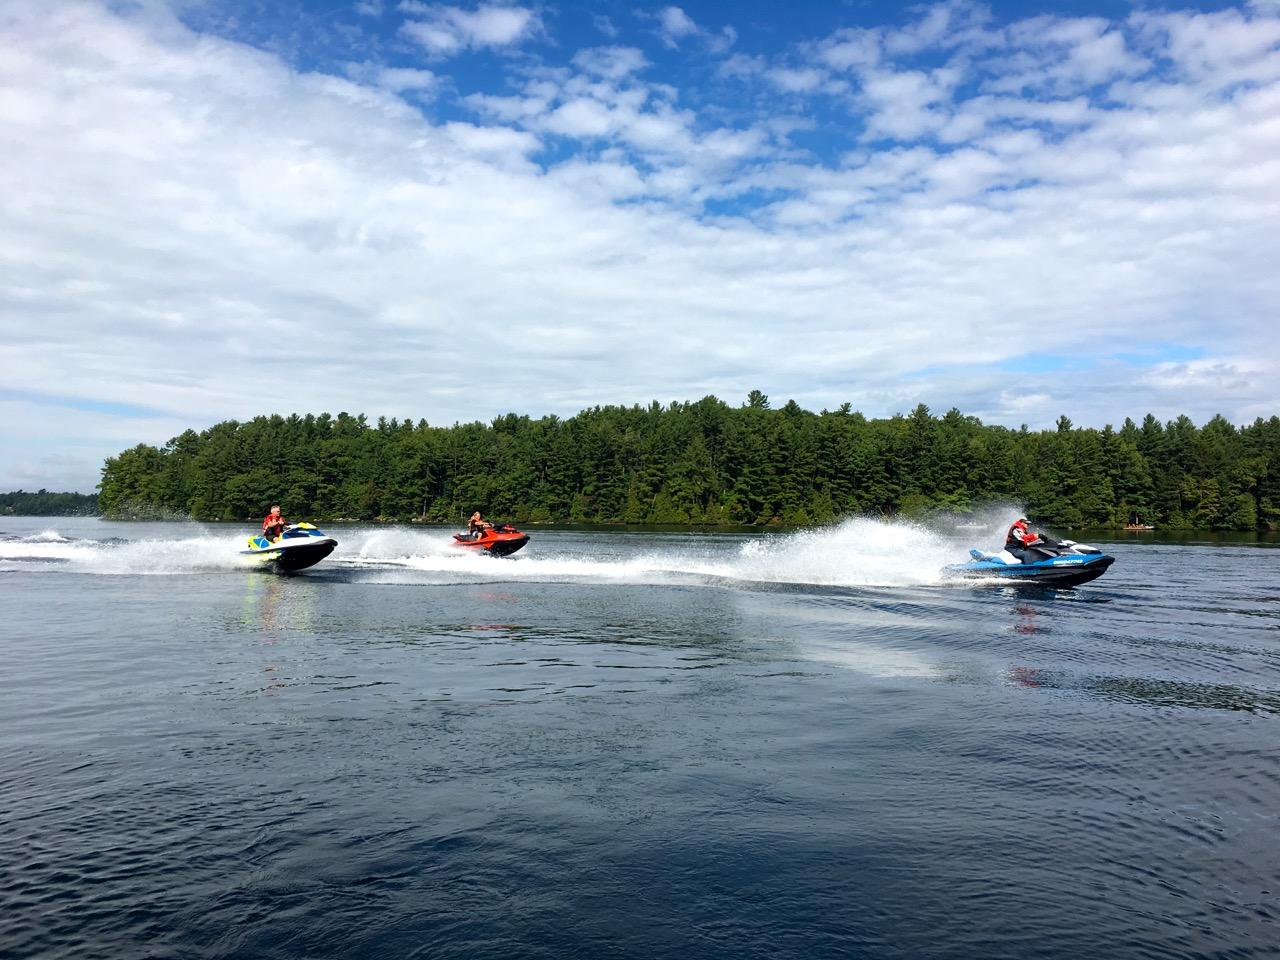 Cruising on calm Lake Muskoka waters during Muskoka fall Sea Doo tour